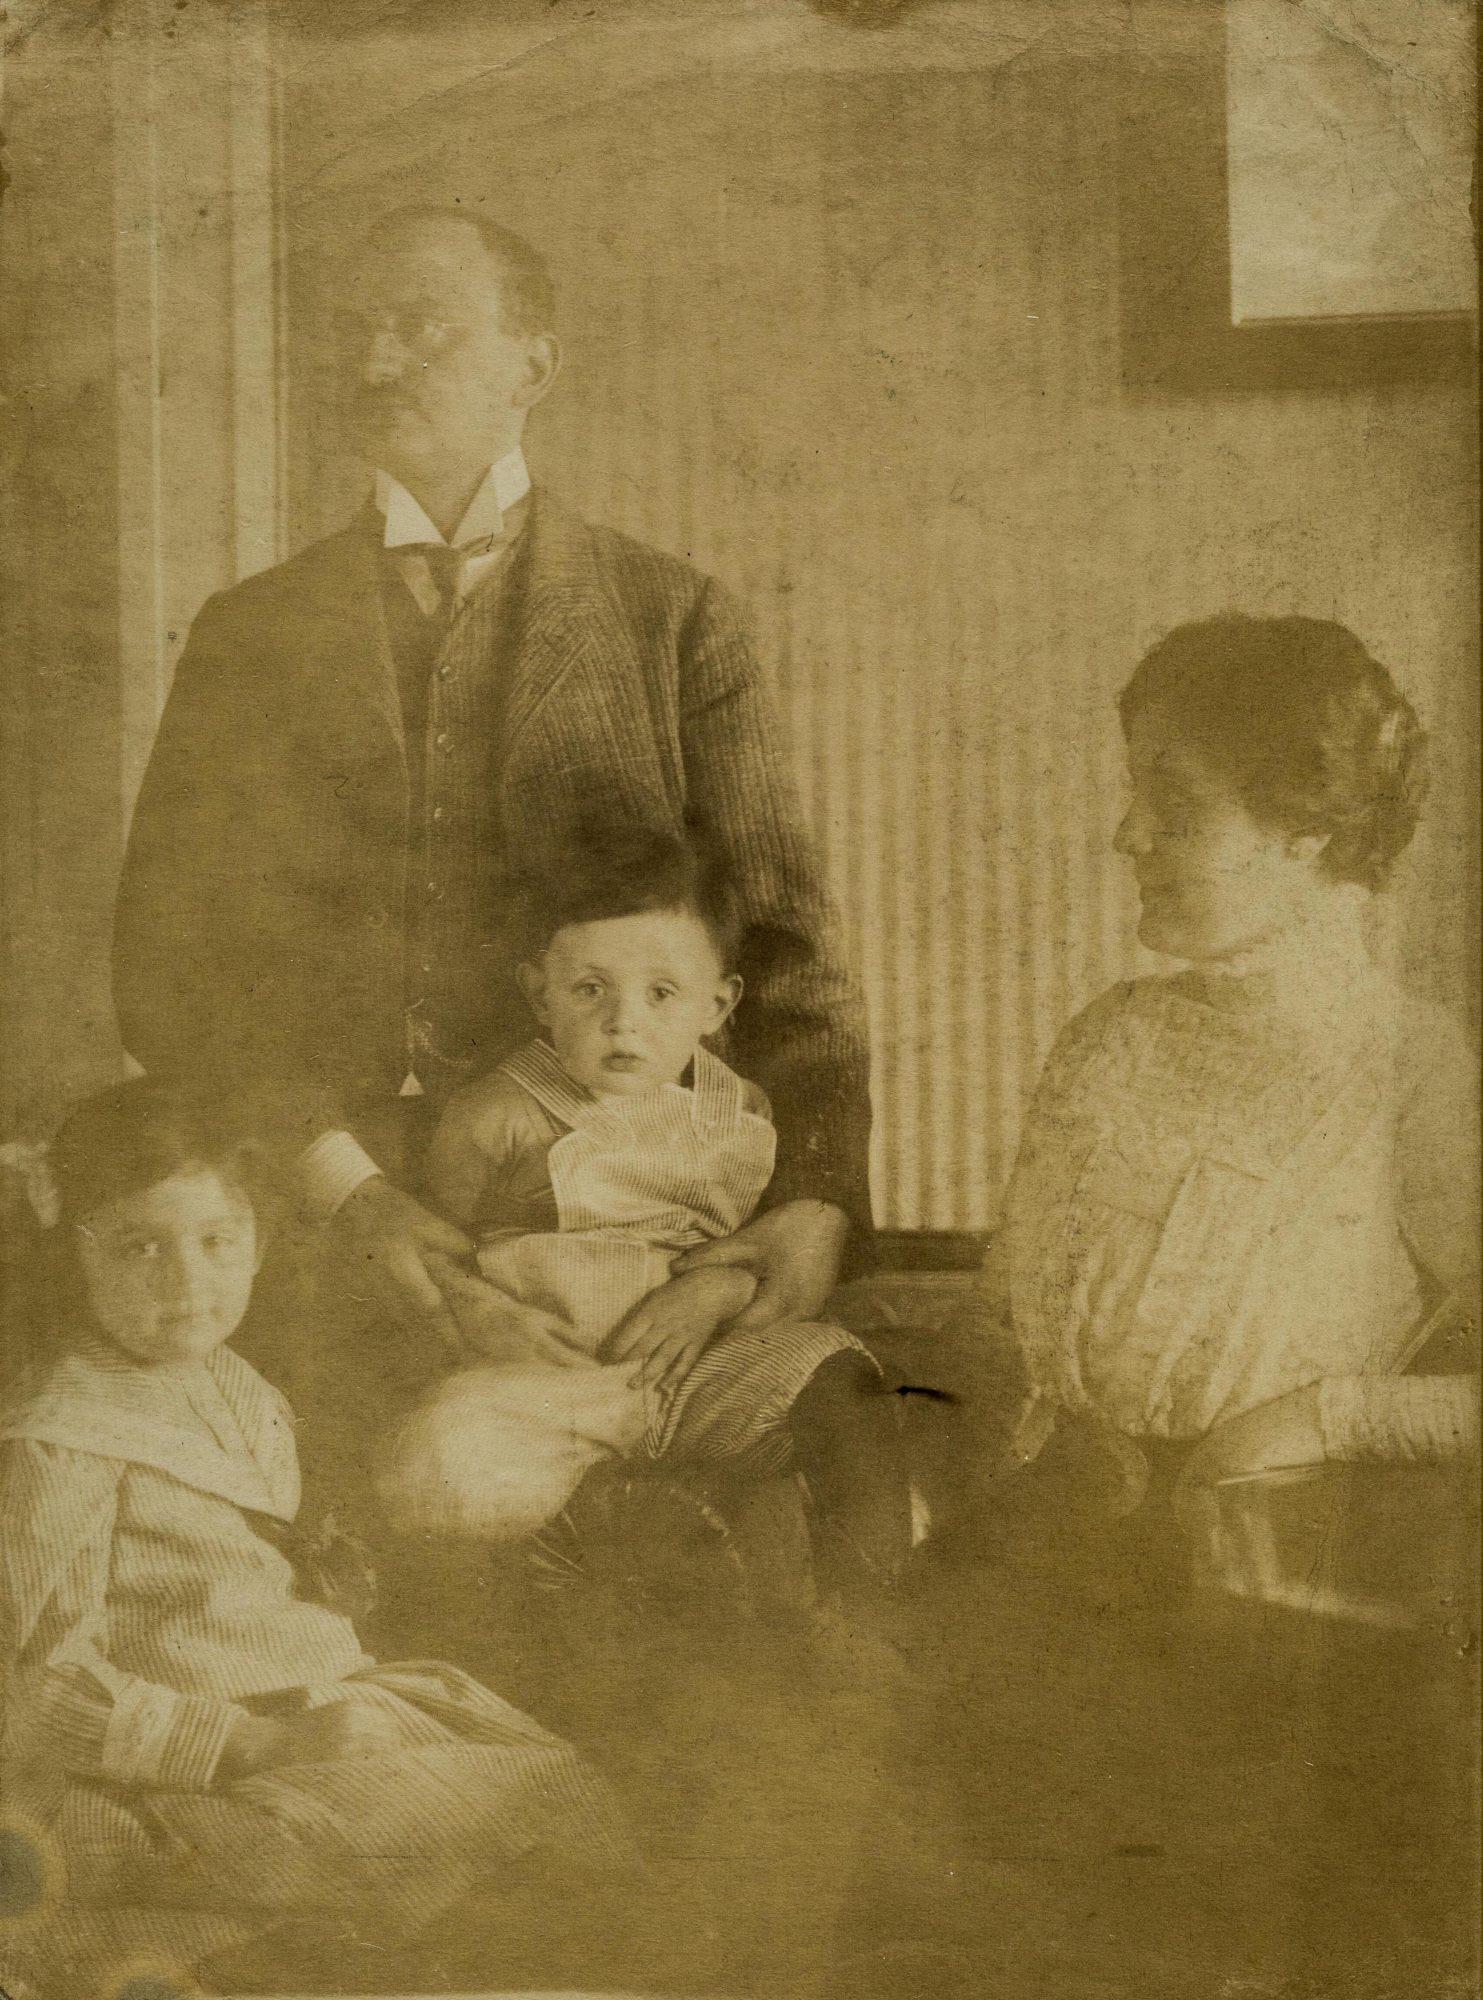 Fotografía de Melitta, Arthur, Hans y Melanie Klein tomada alrededor de 1909